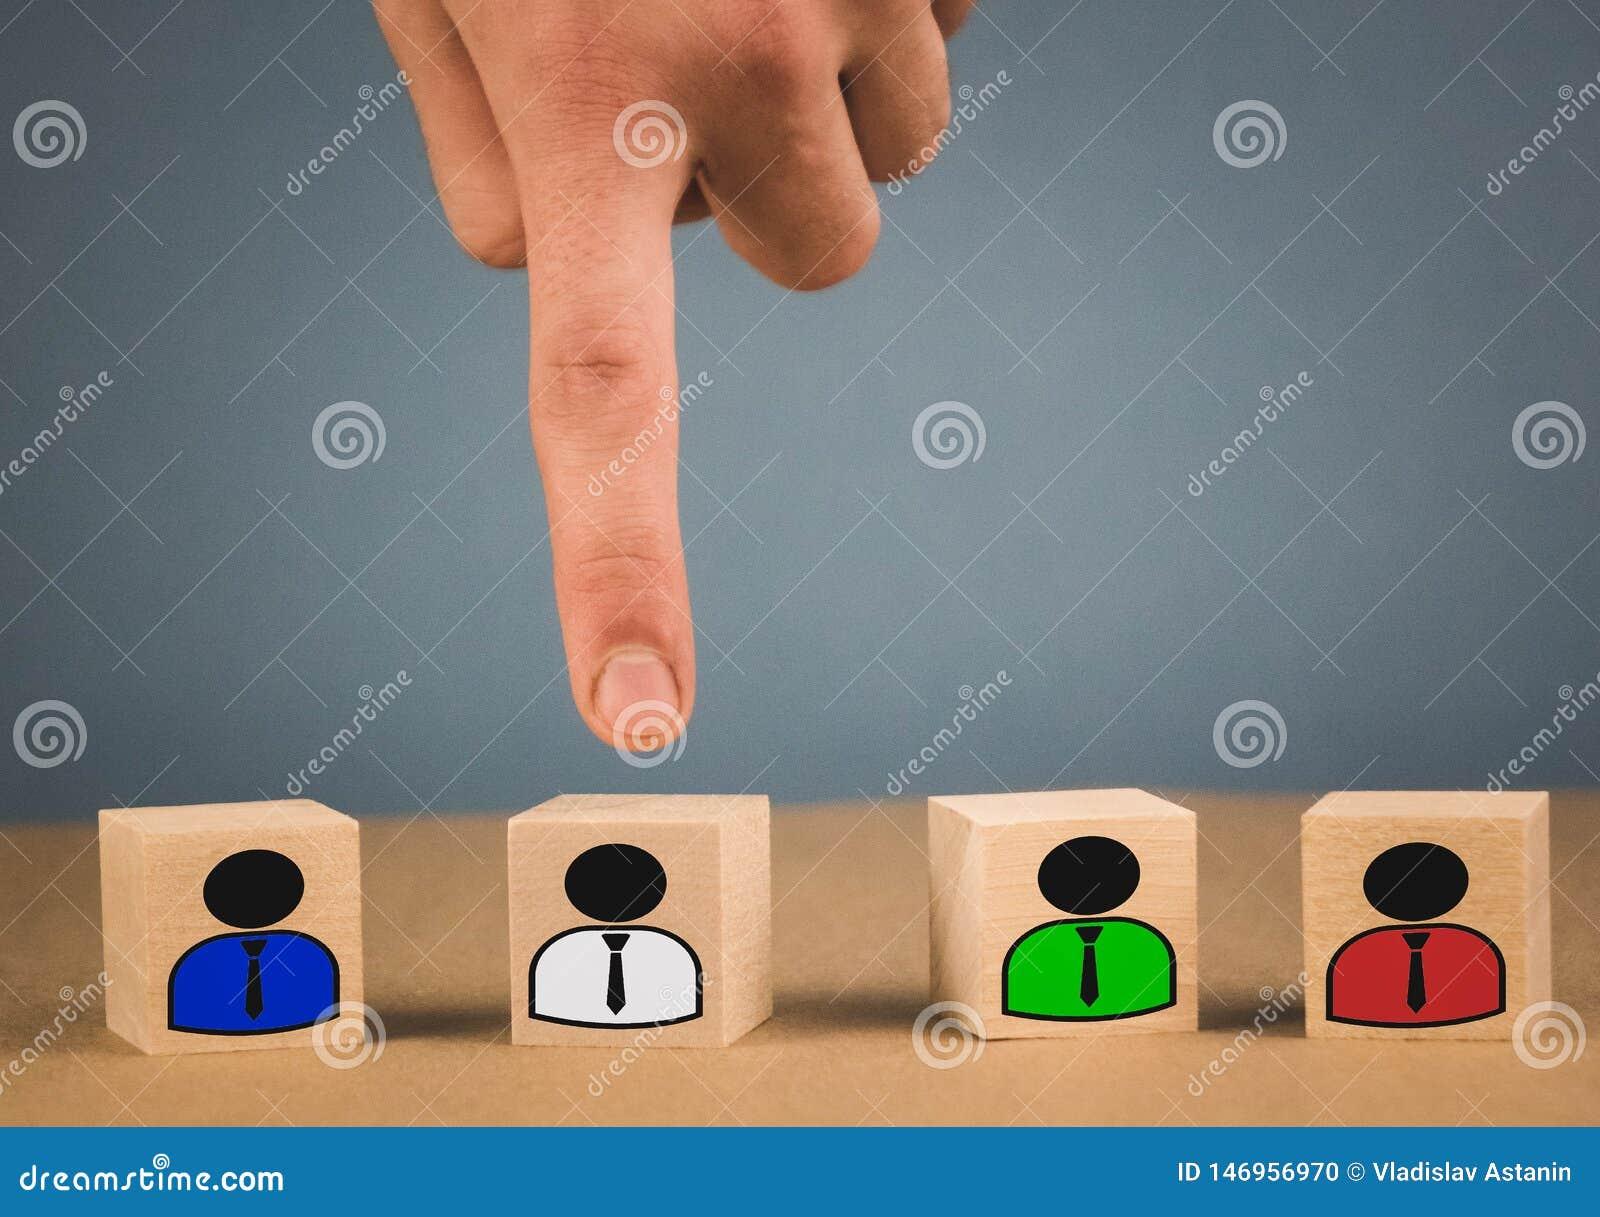 La mano escoge un cubo de madera con un hombre en una camisa blanca